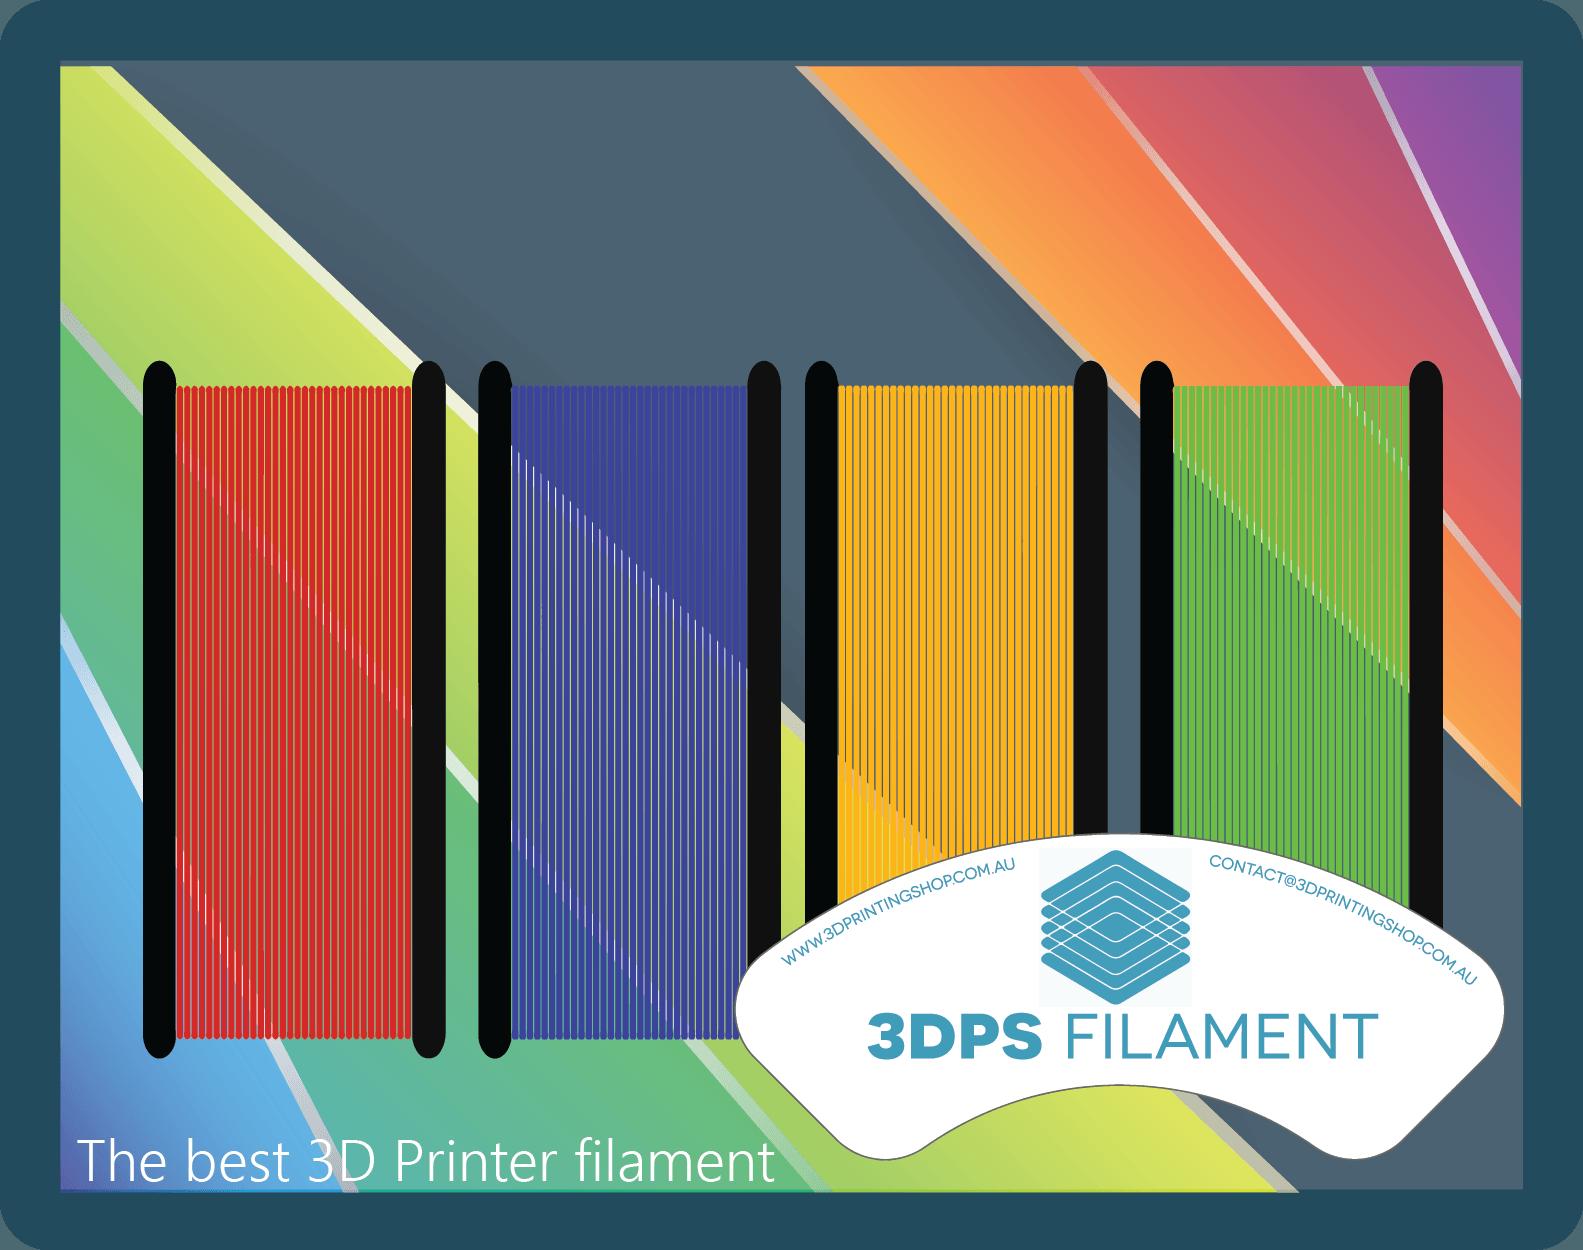 3DPS filament 3D Printing Shop